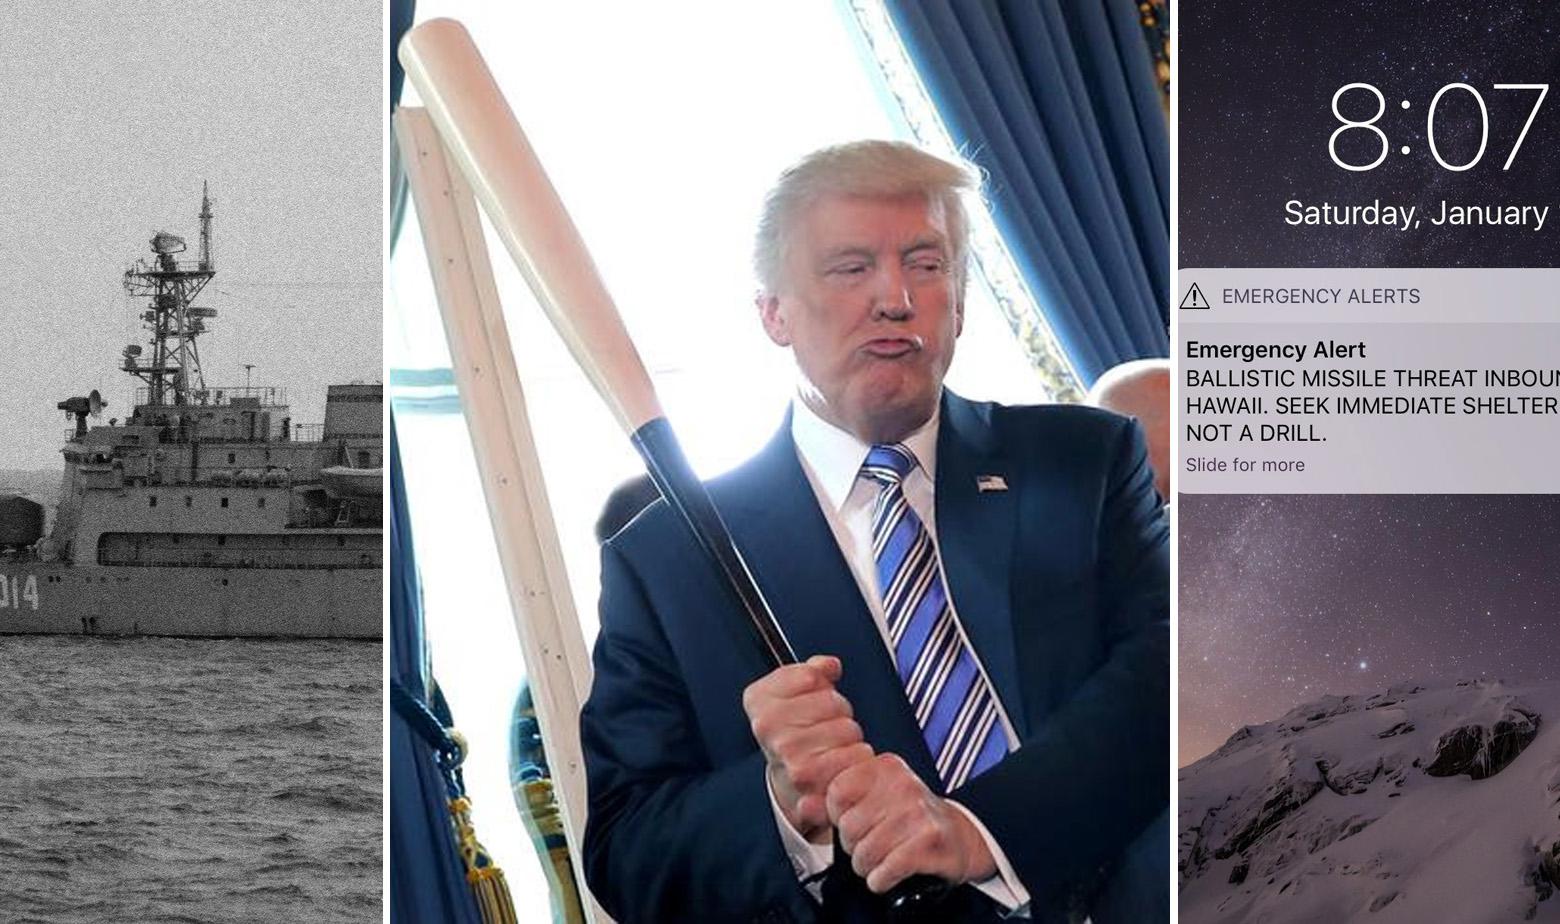 Sovjetski ledolomac koji je tražio ostatke srušenog zrakoplova Korean Airlinesa s leta 007, Donald Trump s bejzbol palicom i upozorenje stanovnicima Havaja